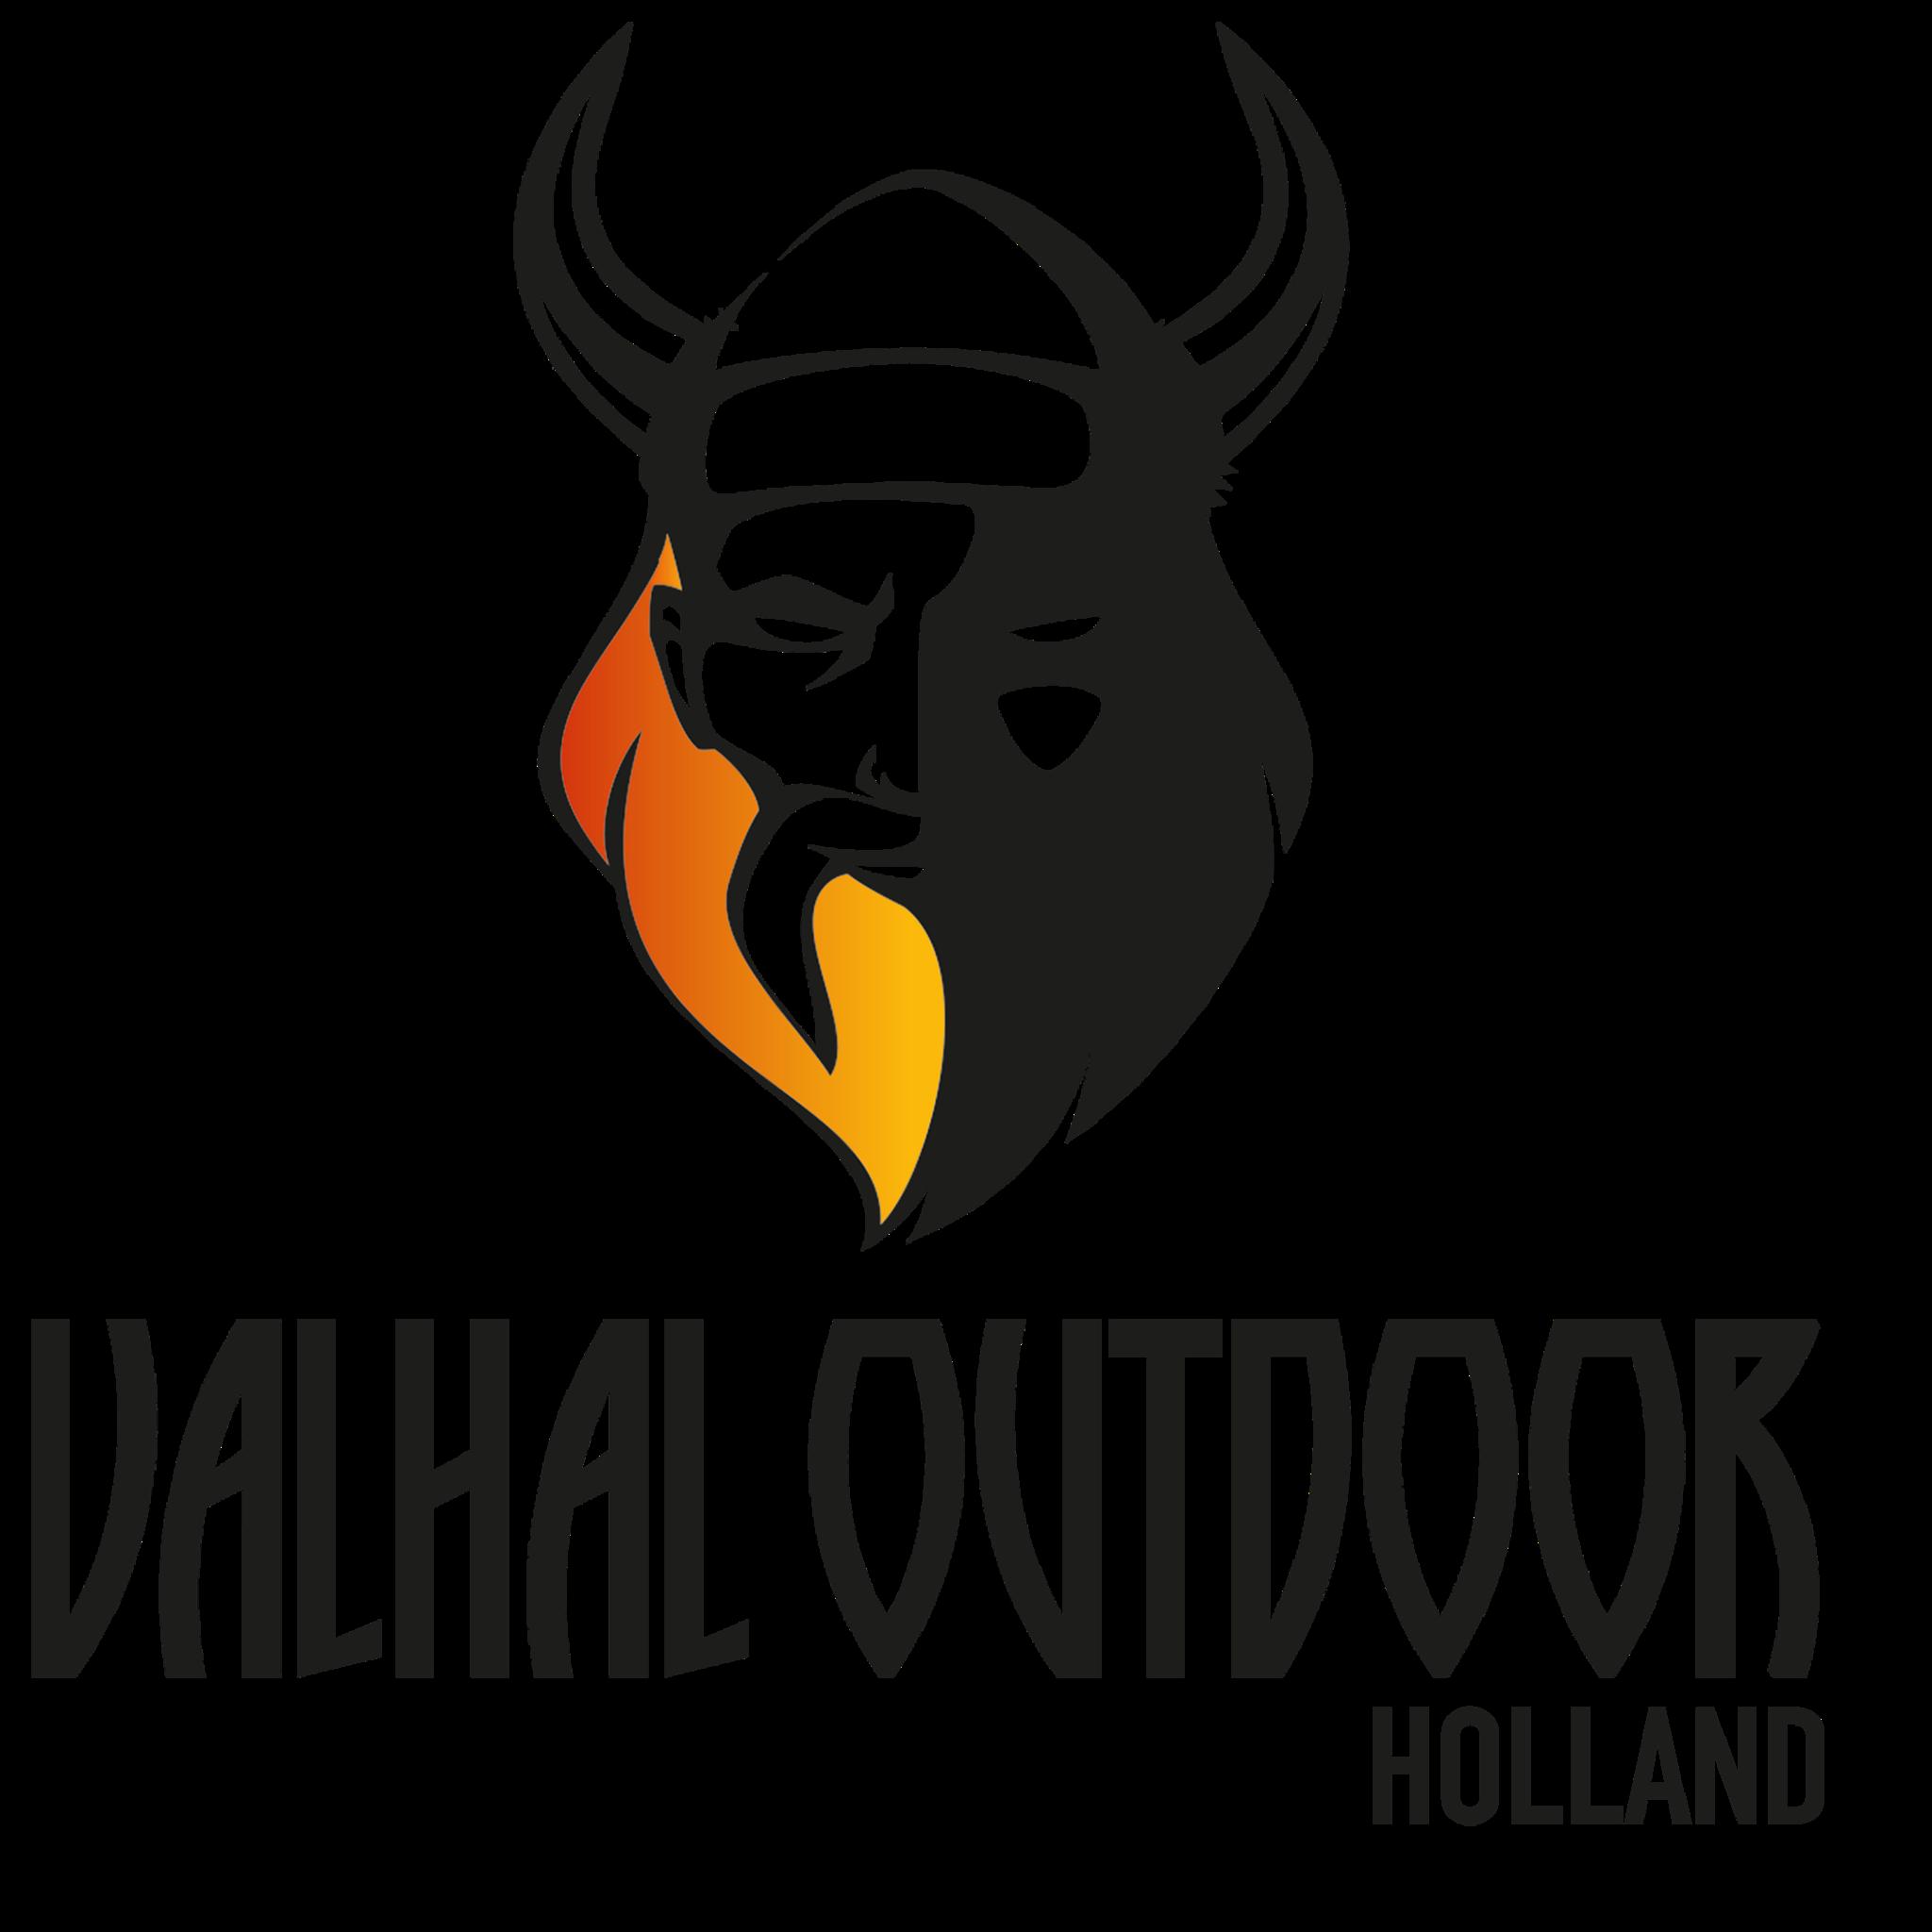 Valhal Outdoor Spatel - Kersenhout